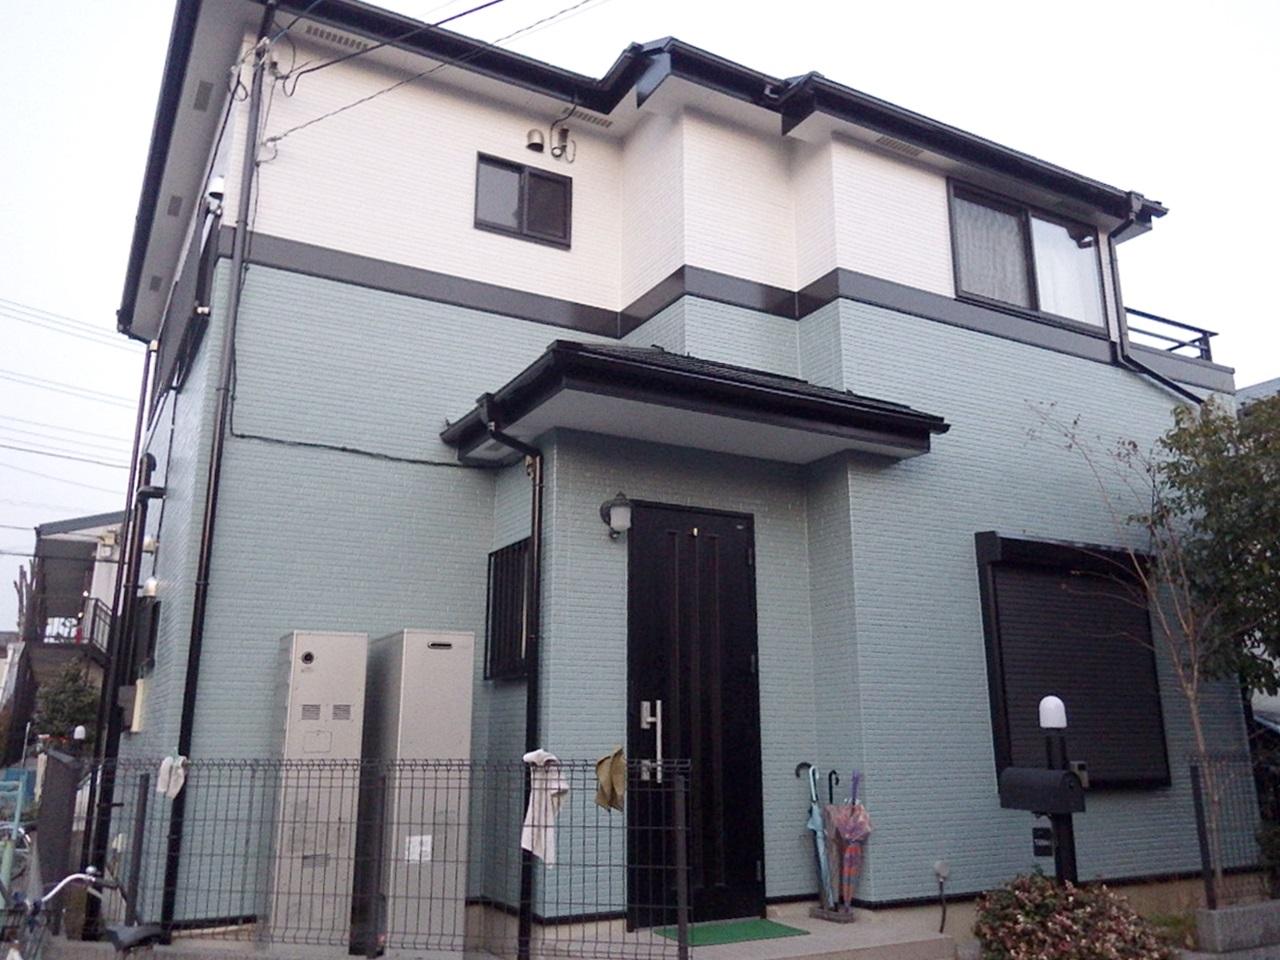 屋根外壁フッ素塗装で高耐候仕上げ!